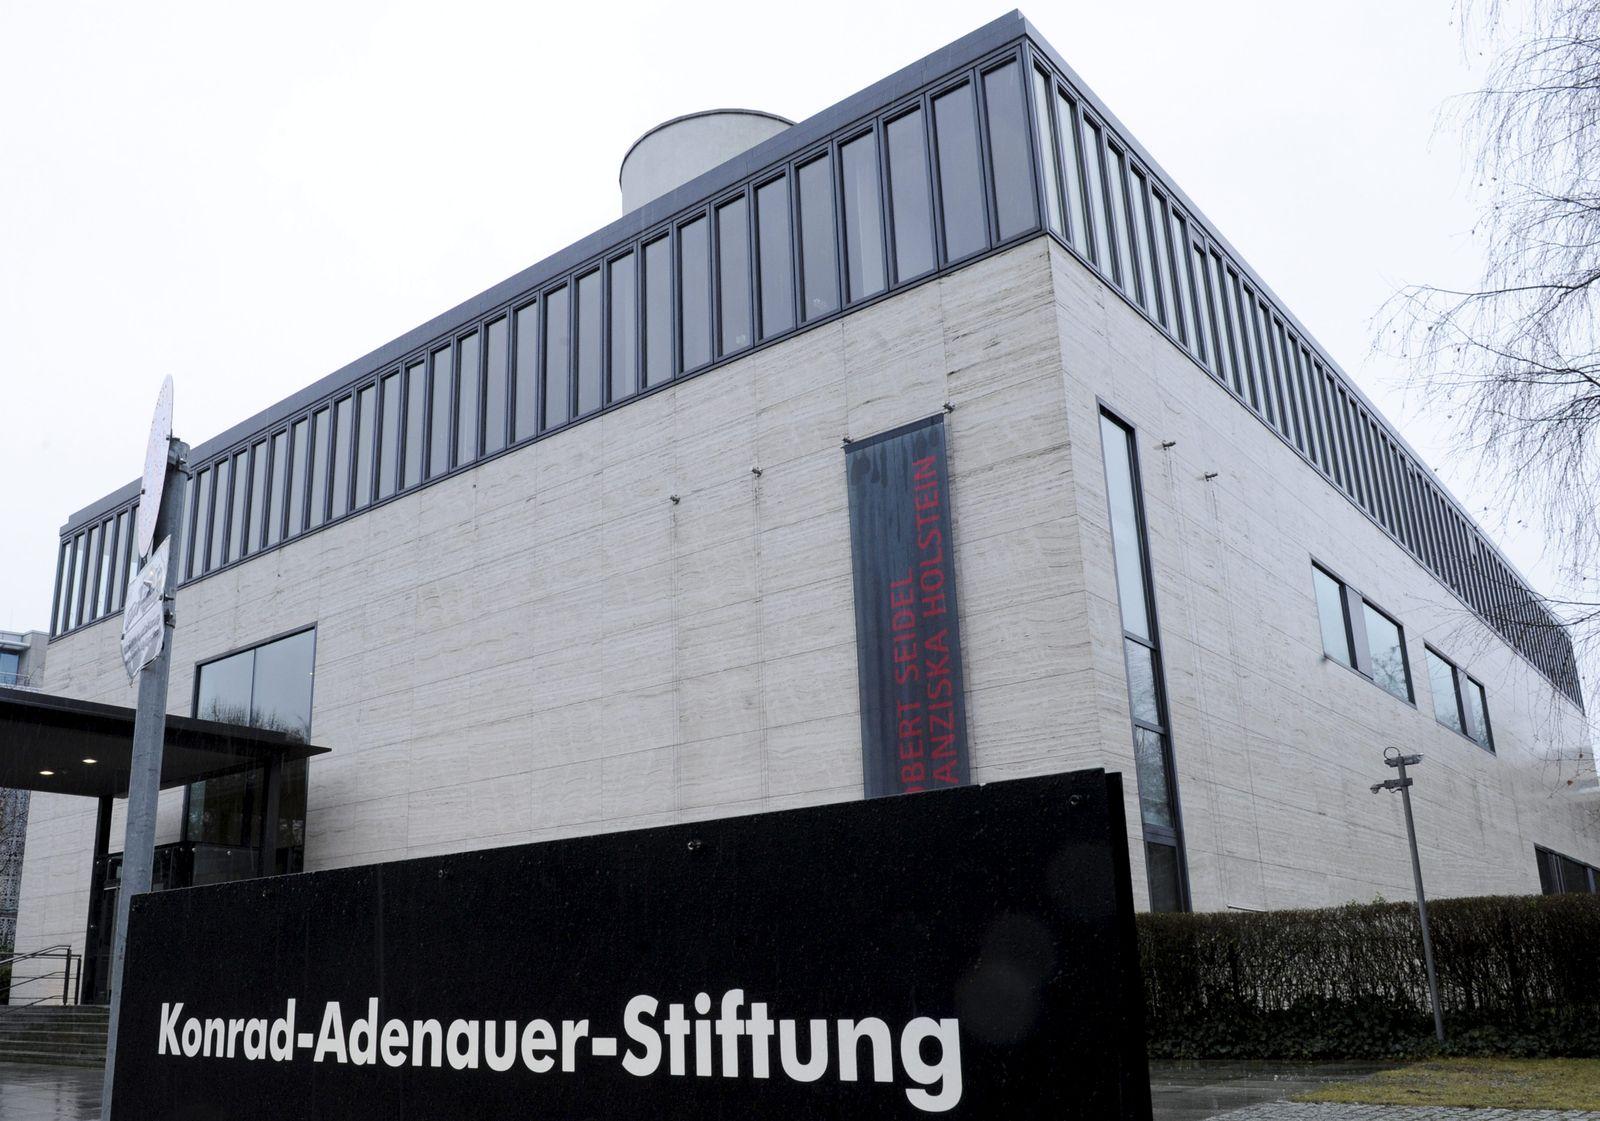 Konrad-Adenauer-Stiftung / Berlin